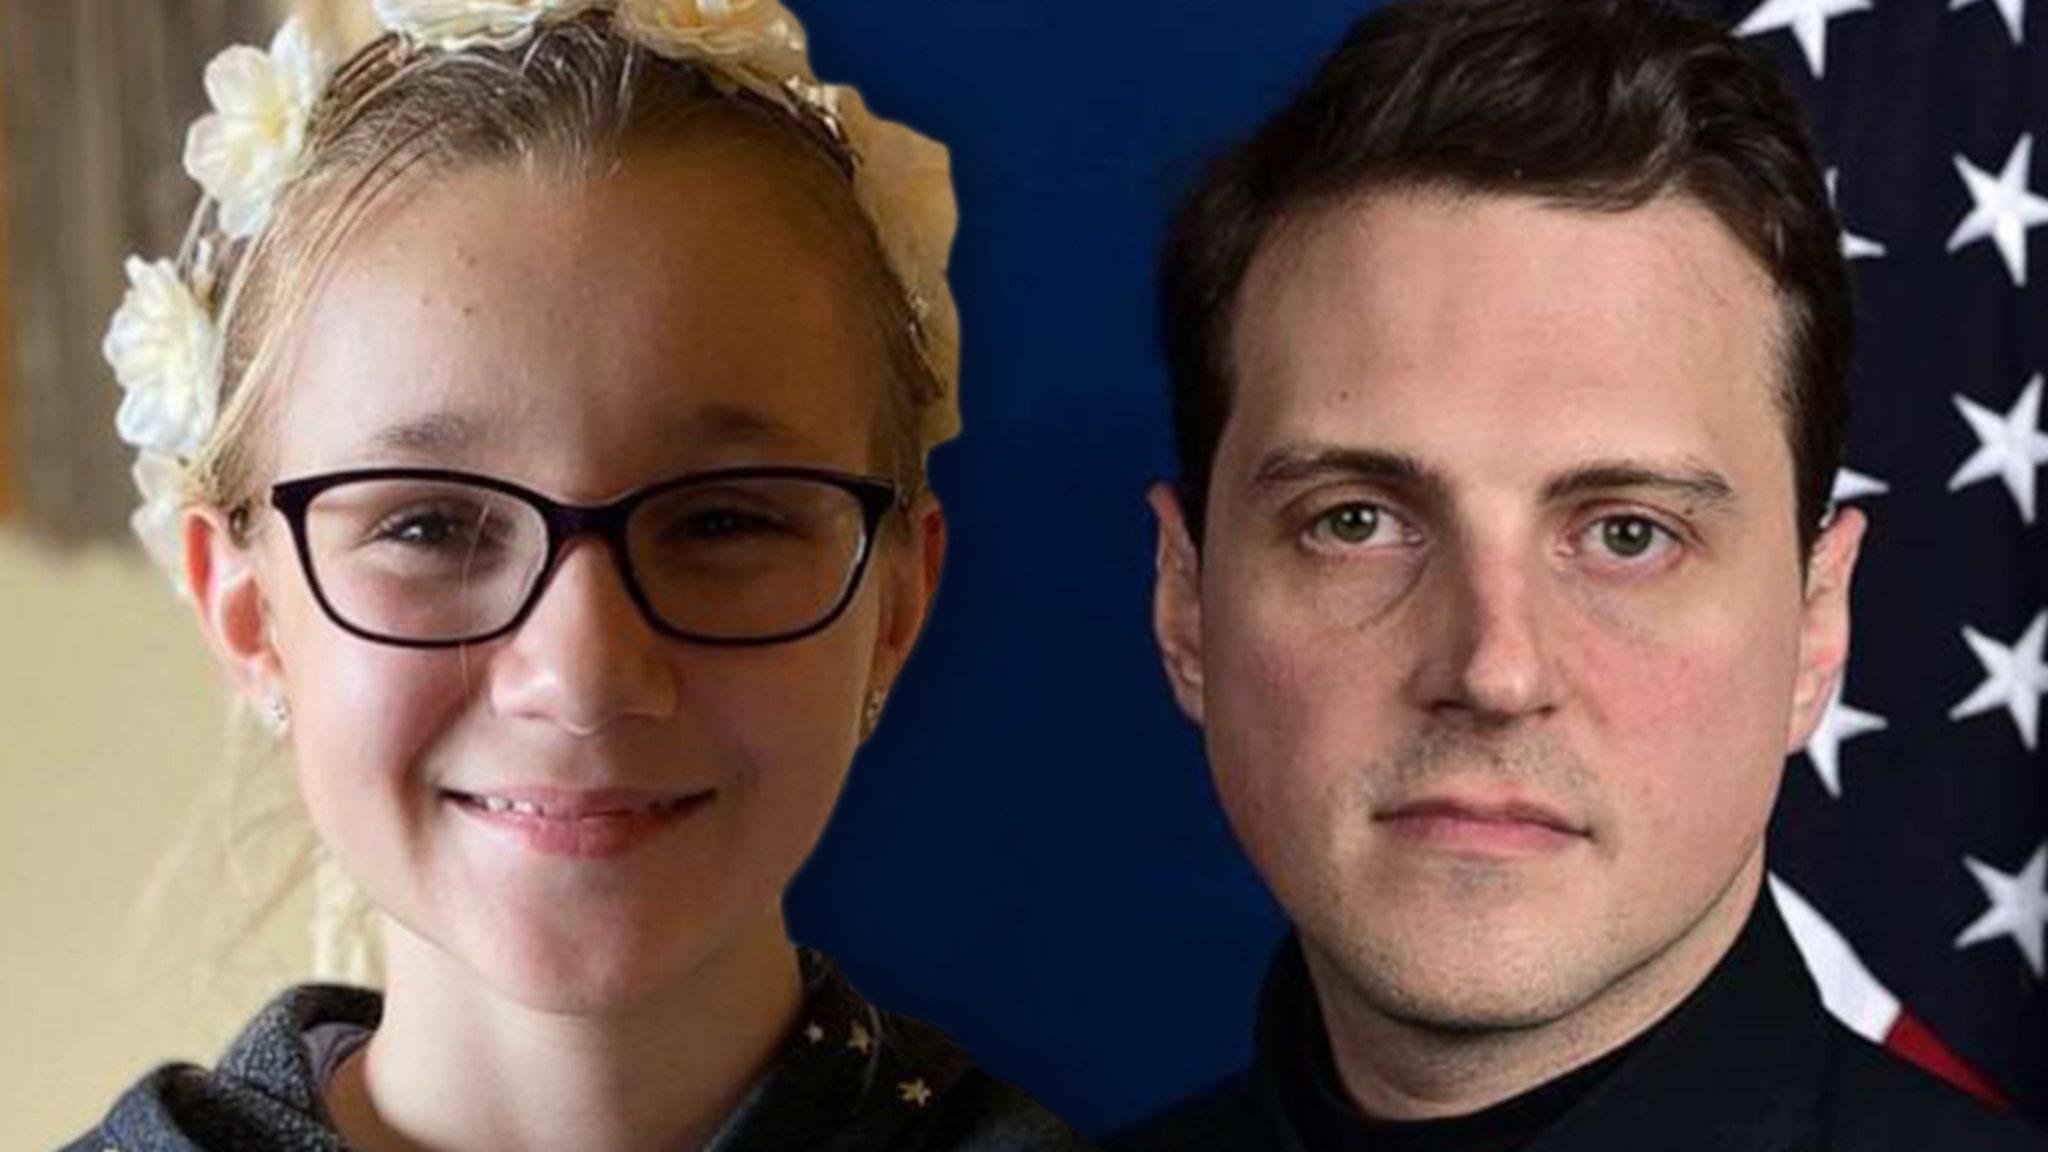 Офицер полиции Капитолия Дэниел Ходжес получает добрые пожелания от 10-летней девочки из Монтаны